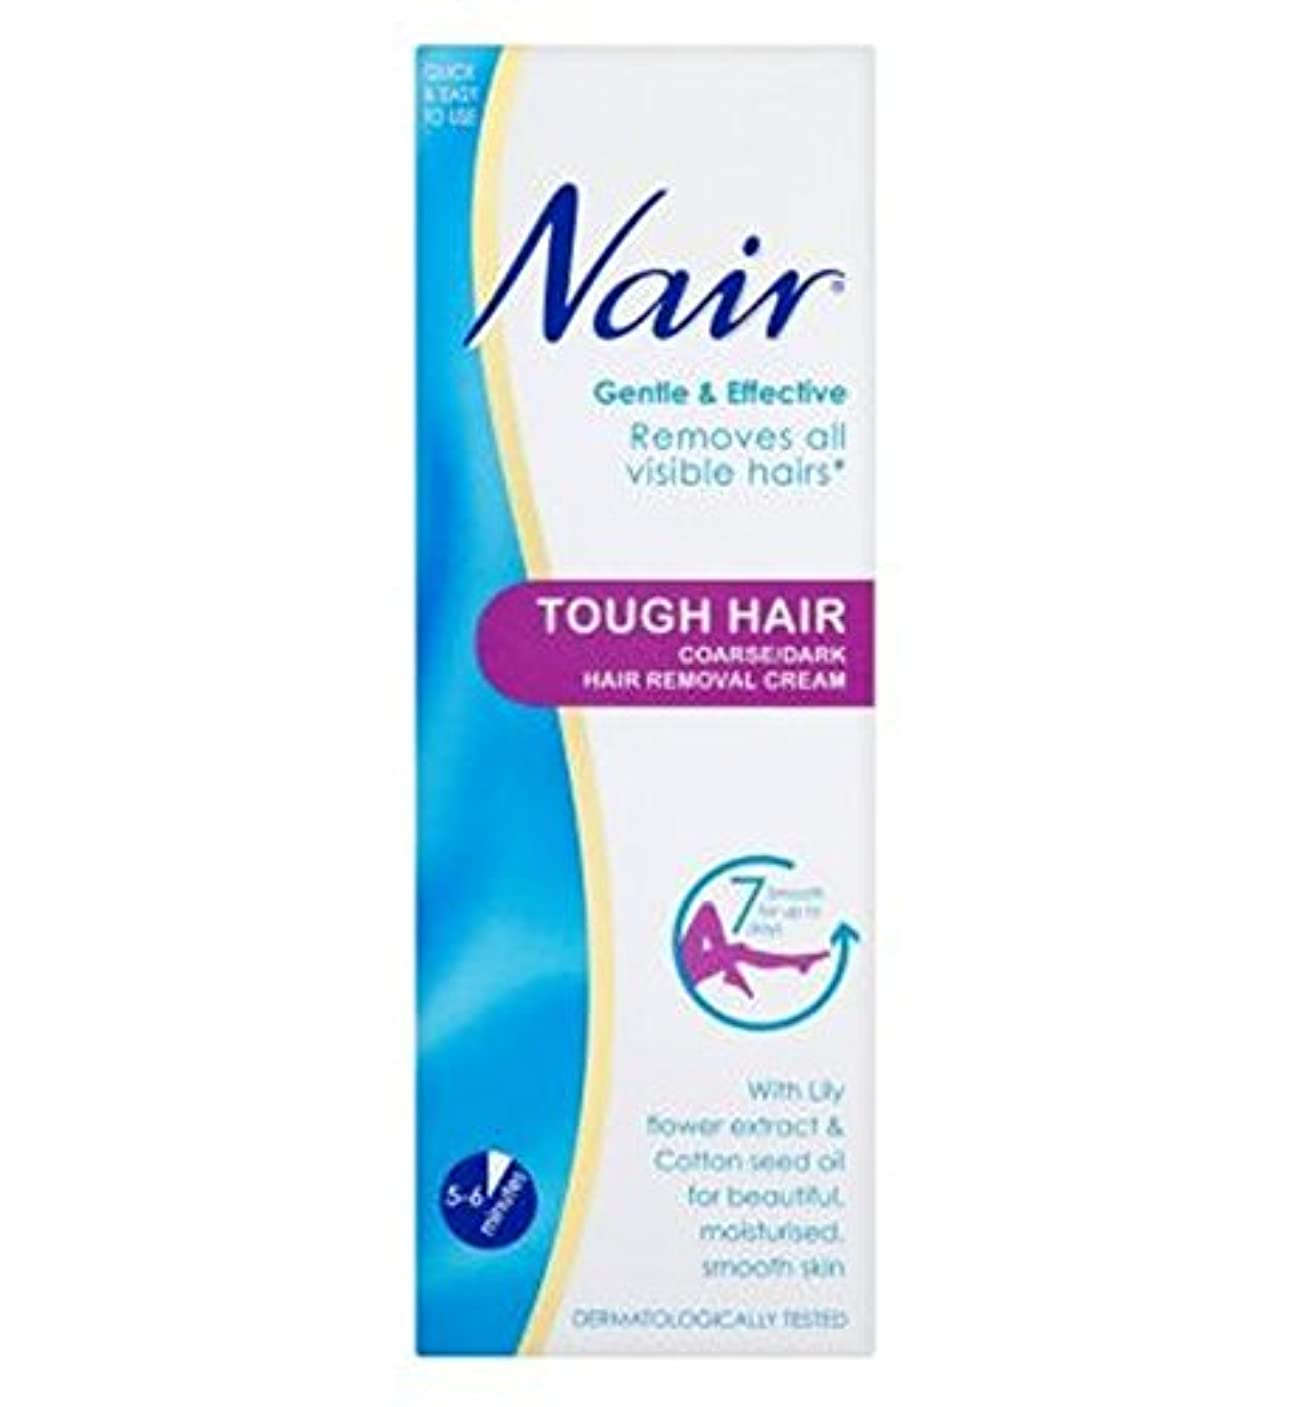 偶然の岸クラウドナイールタフな毛脱毛クリーム200ミリリットル (Nair) (x2) - Nair Tough Hair Hair Removal Cream 200ml (Pack of 2) [並行輸入品]